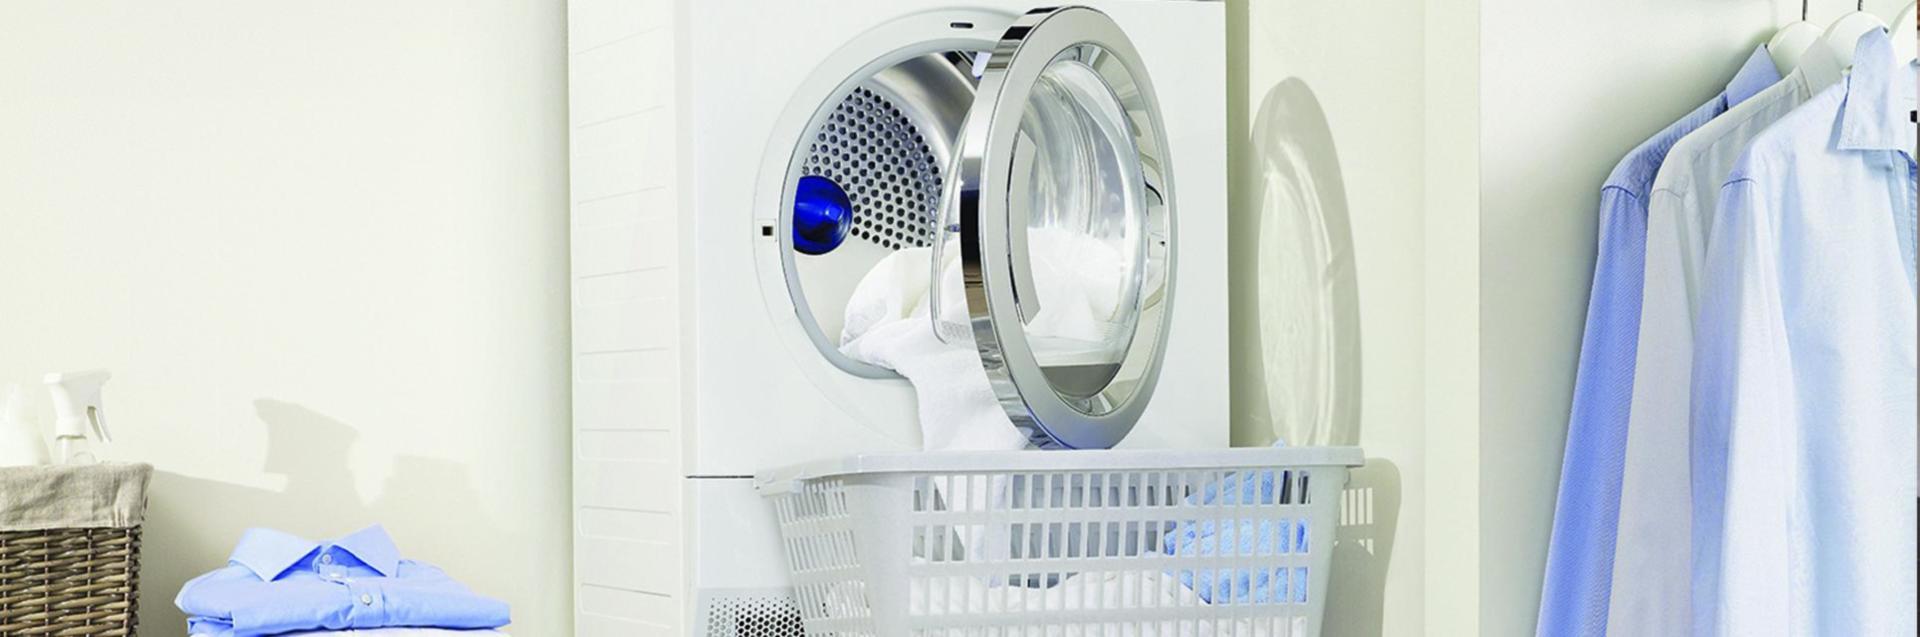 Servicio técnico secadoras bosch